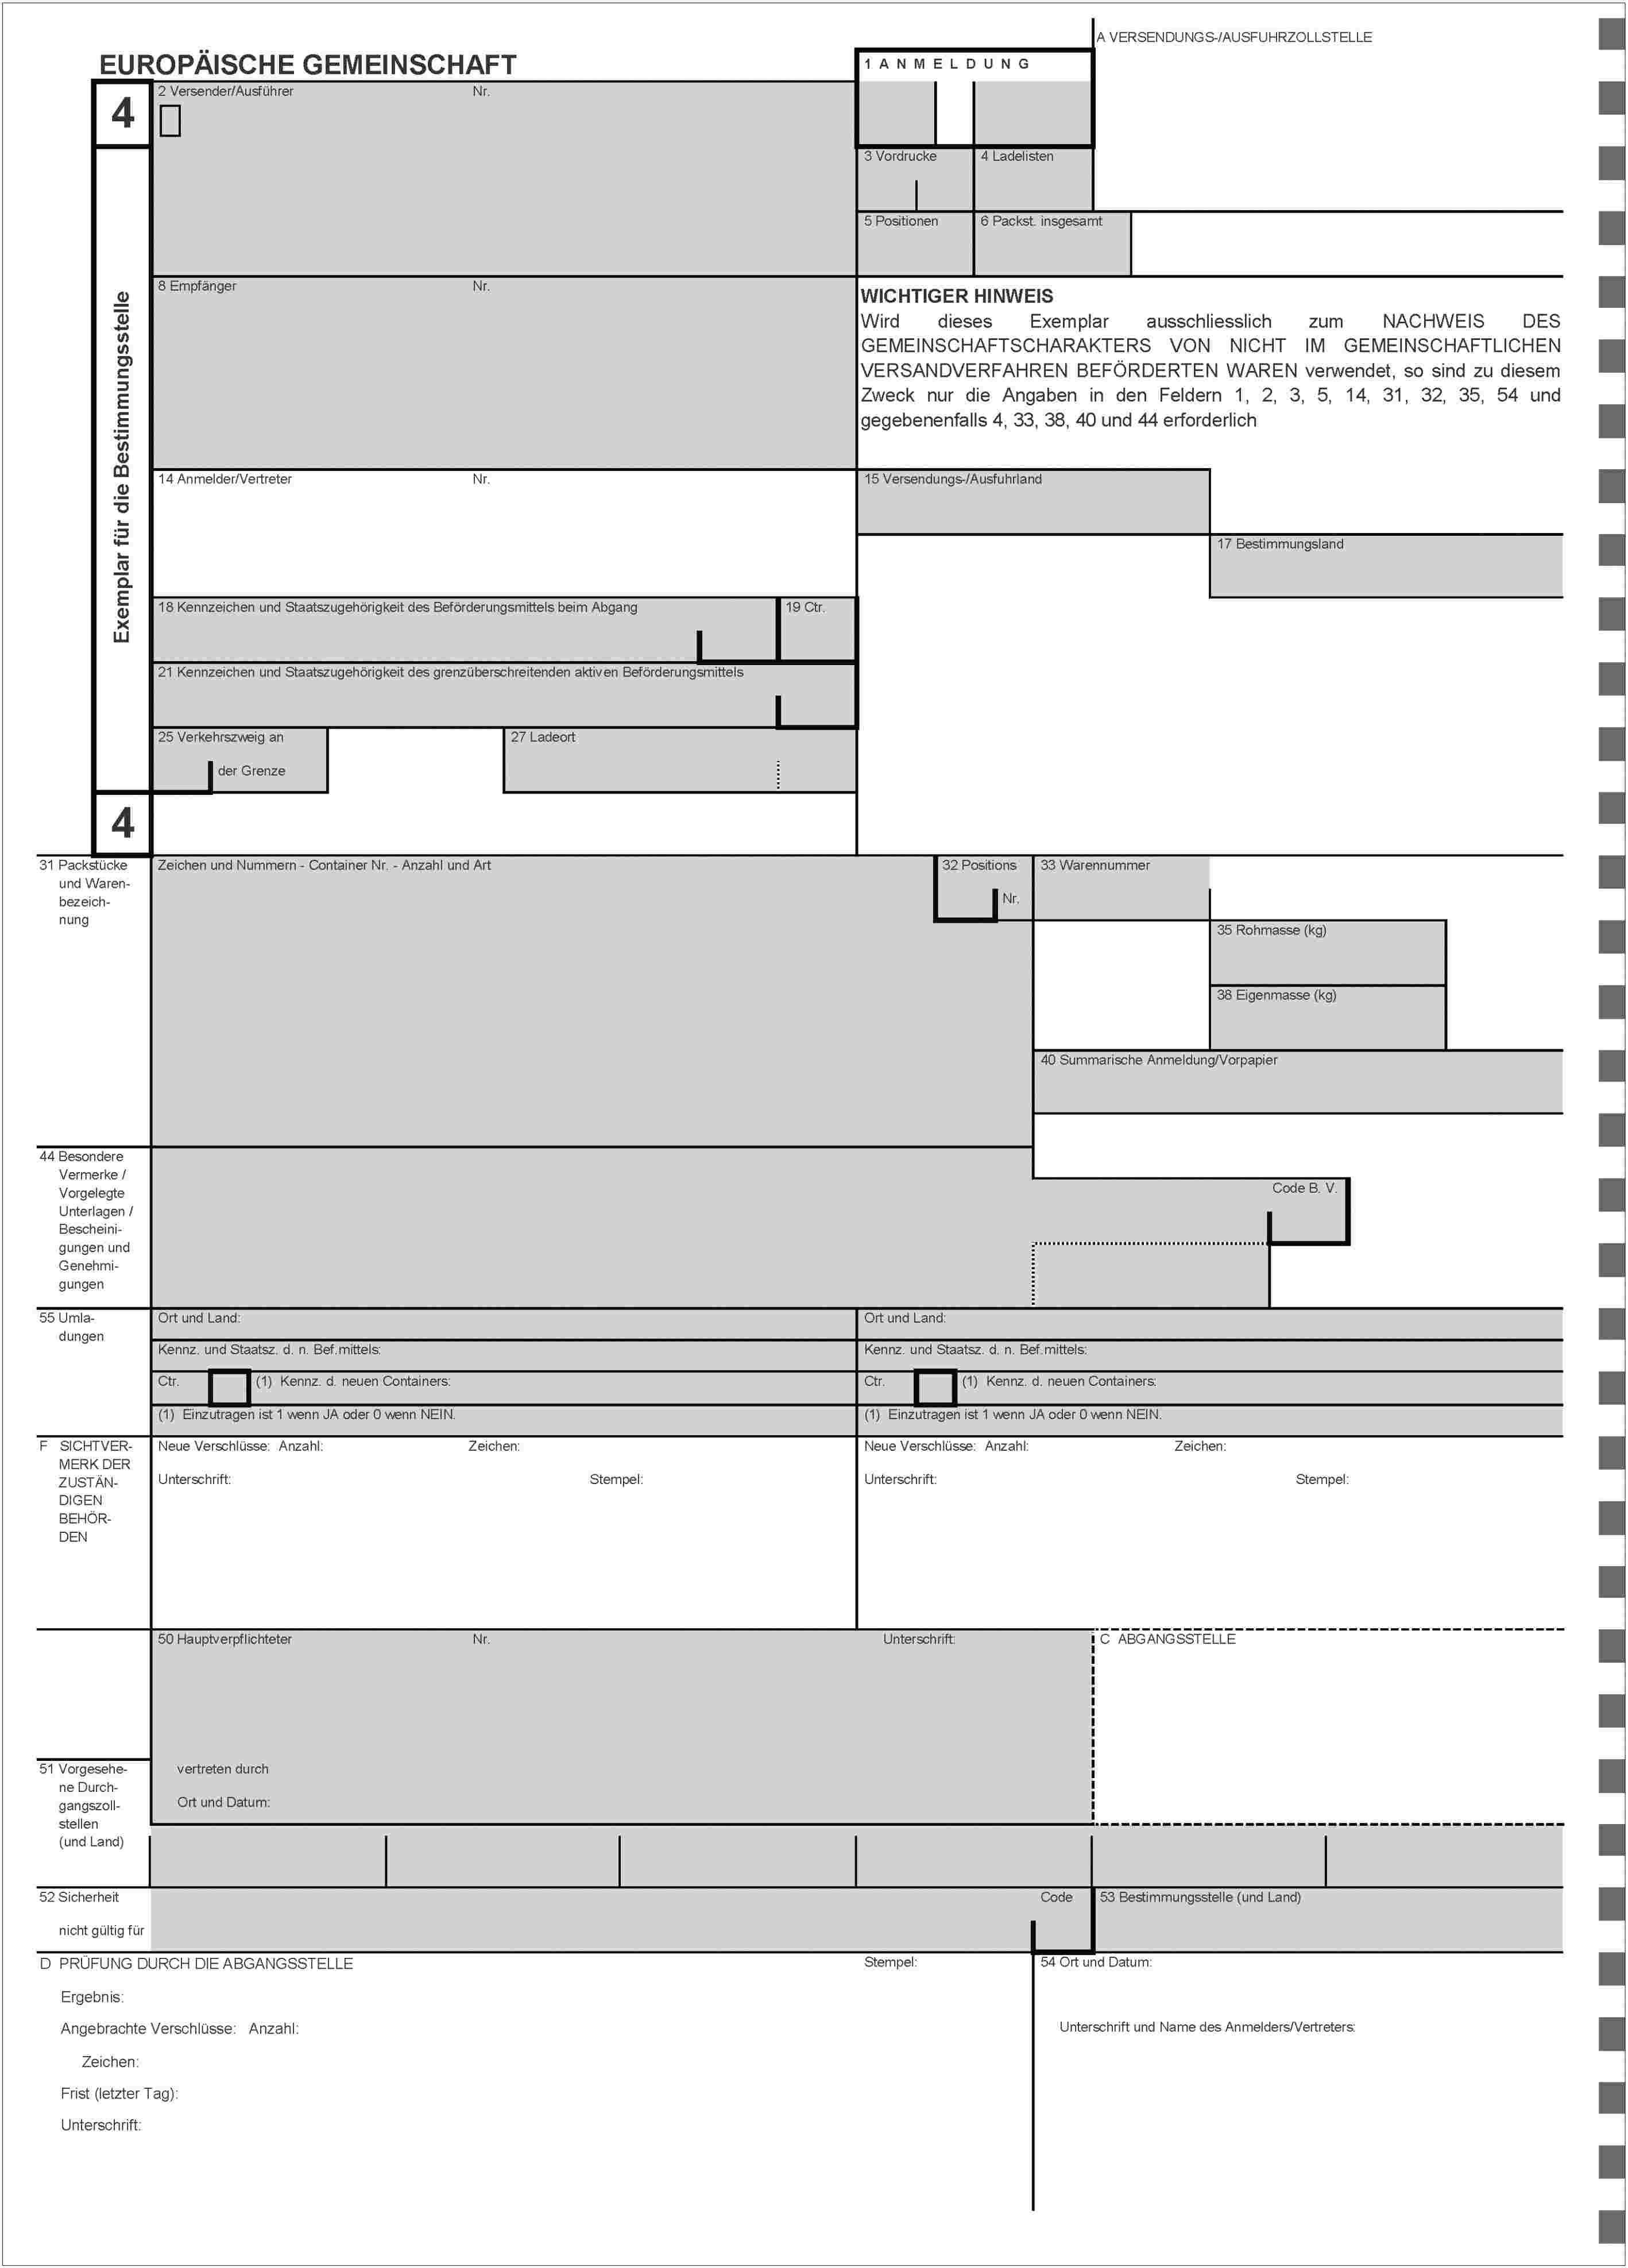 Ausgezeichnet Xhtml Vorlage Galerie - Dokumentationsvorlage Beispiel ...